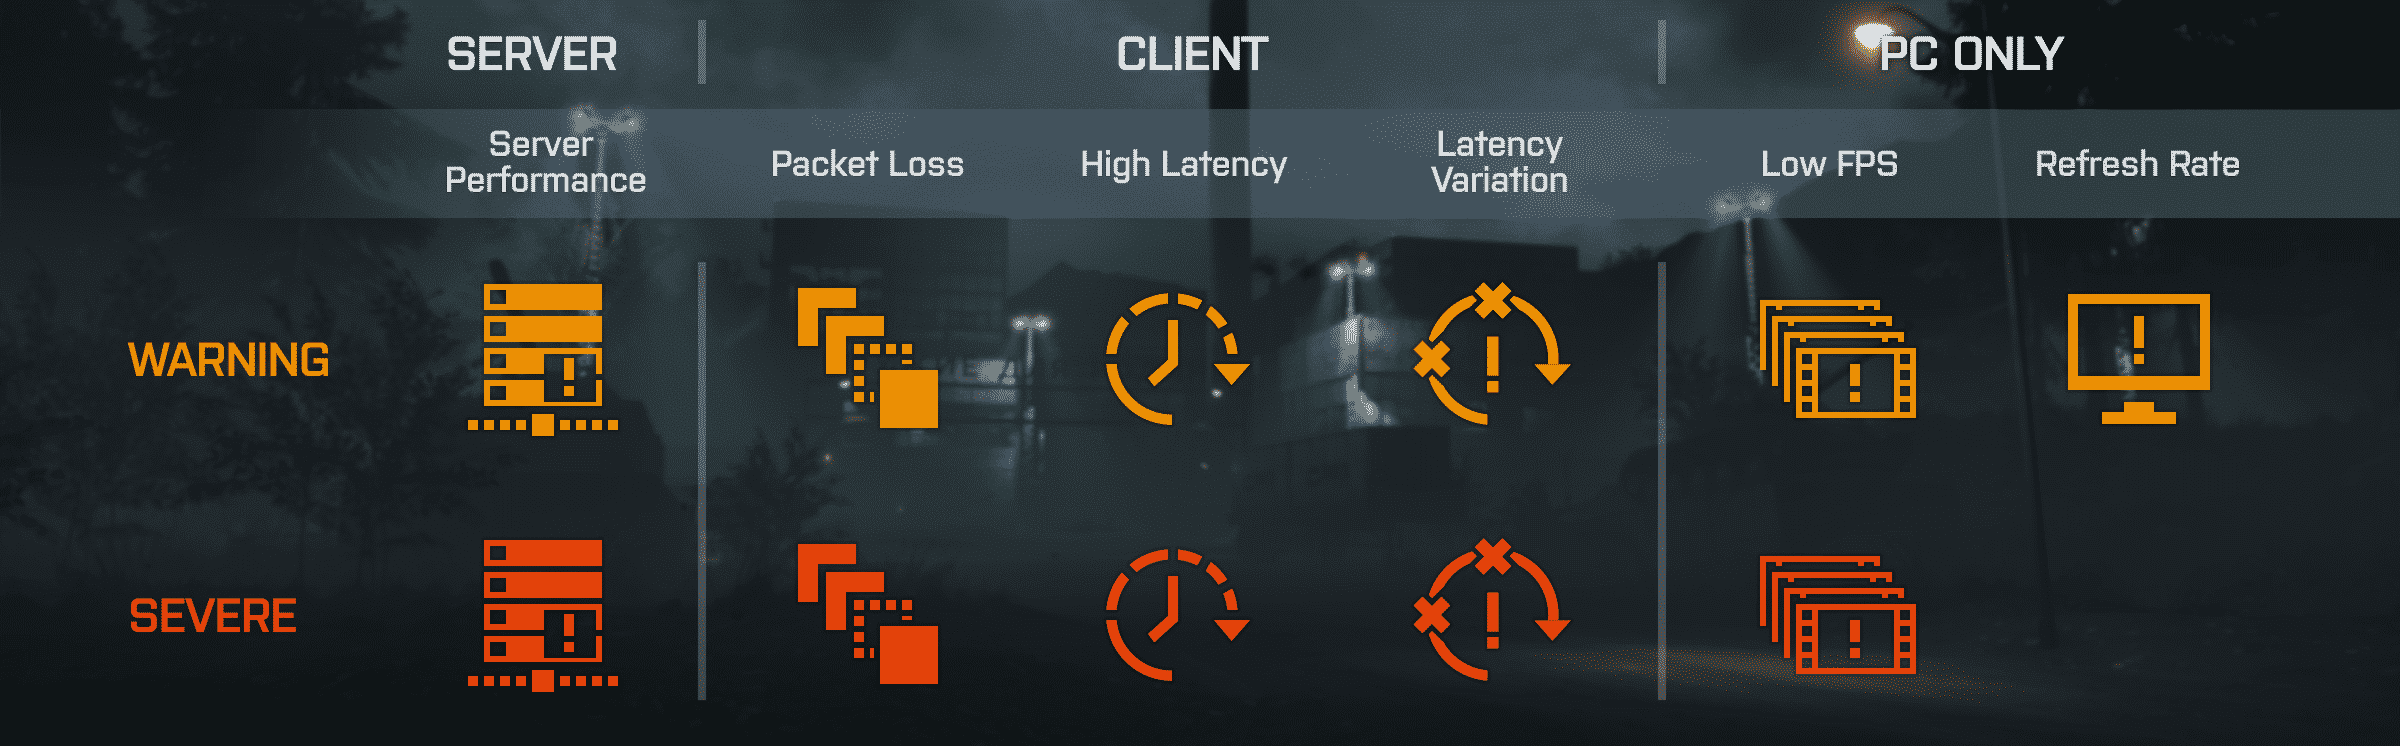 Battlefield 4 Guide: Network und Performance Icons erklärt